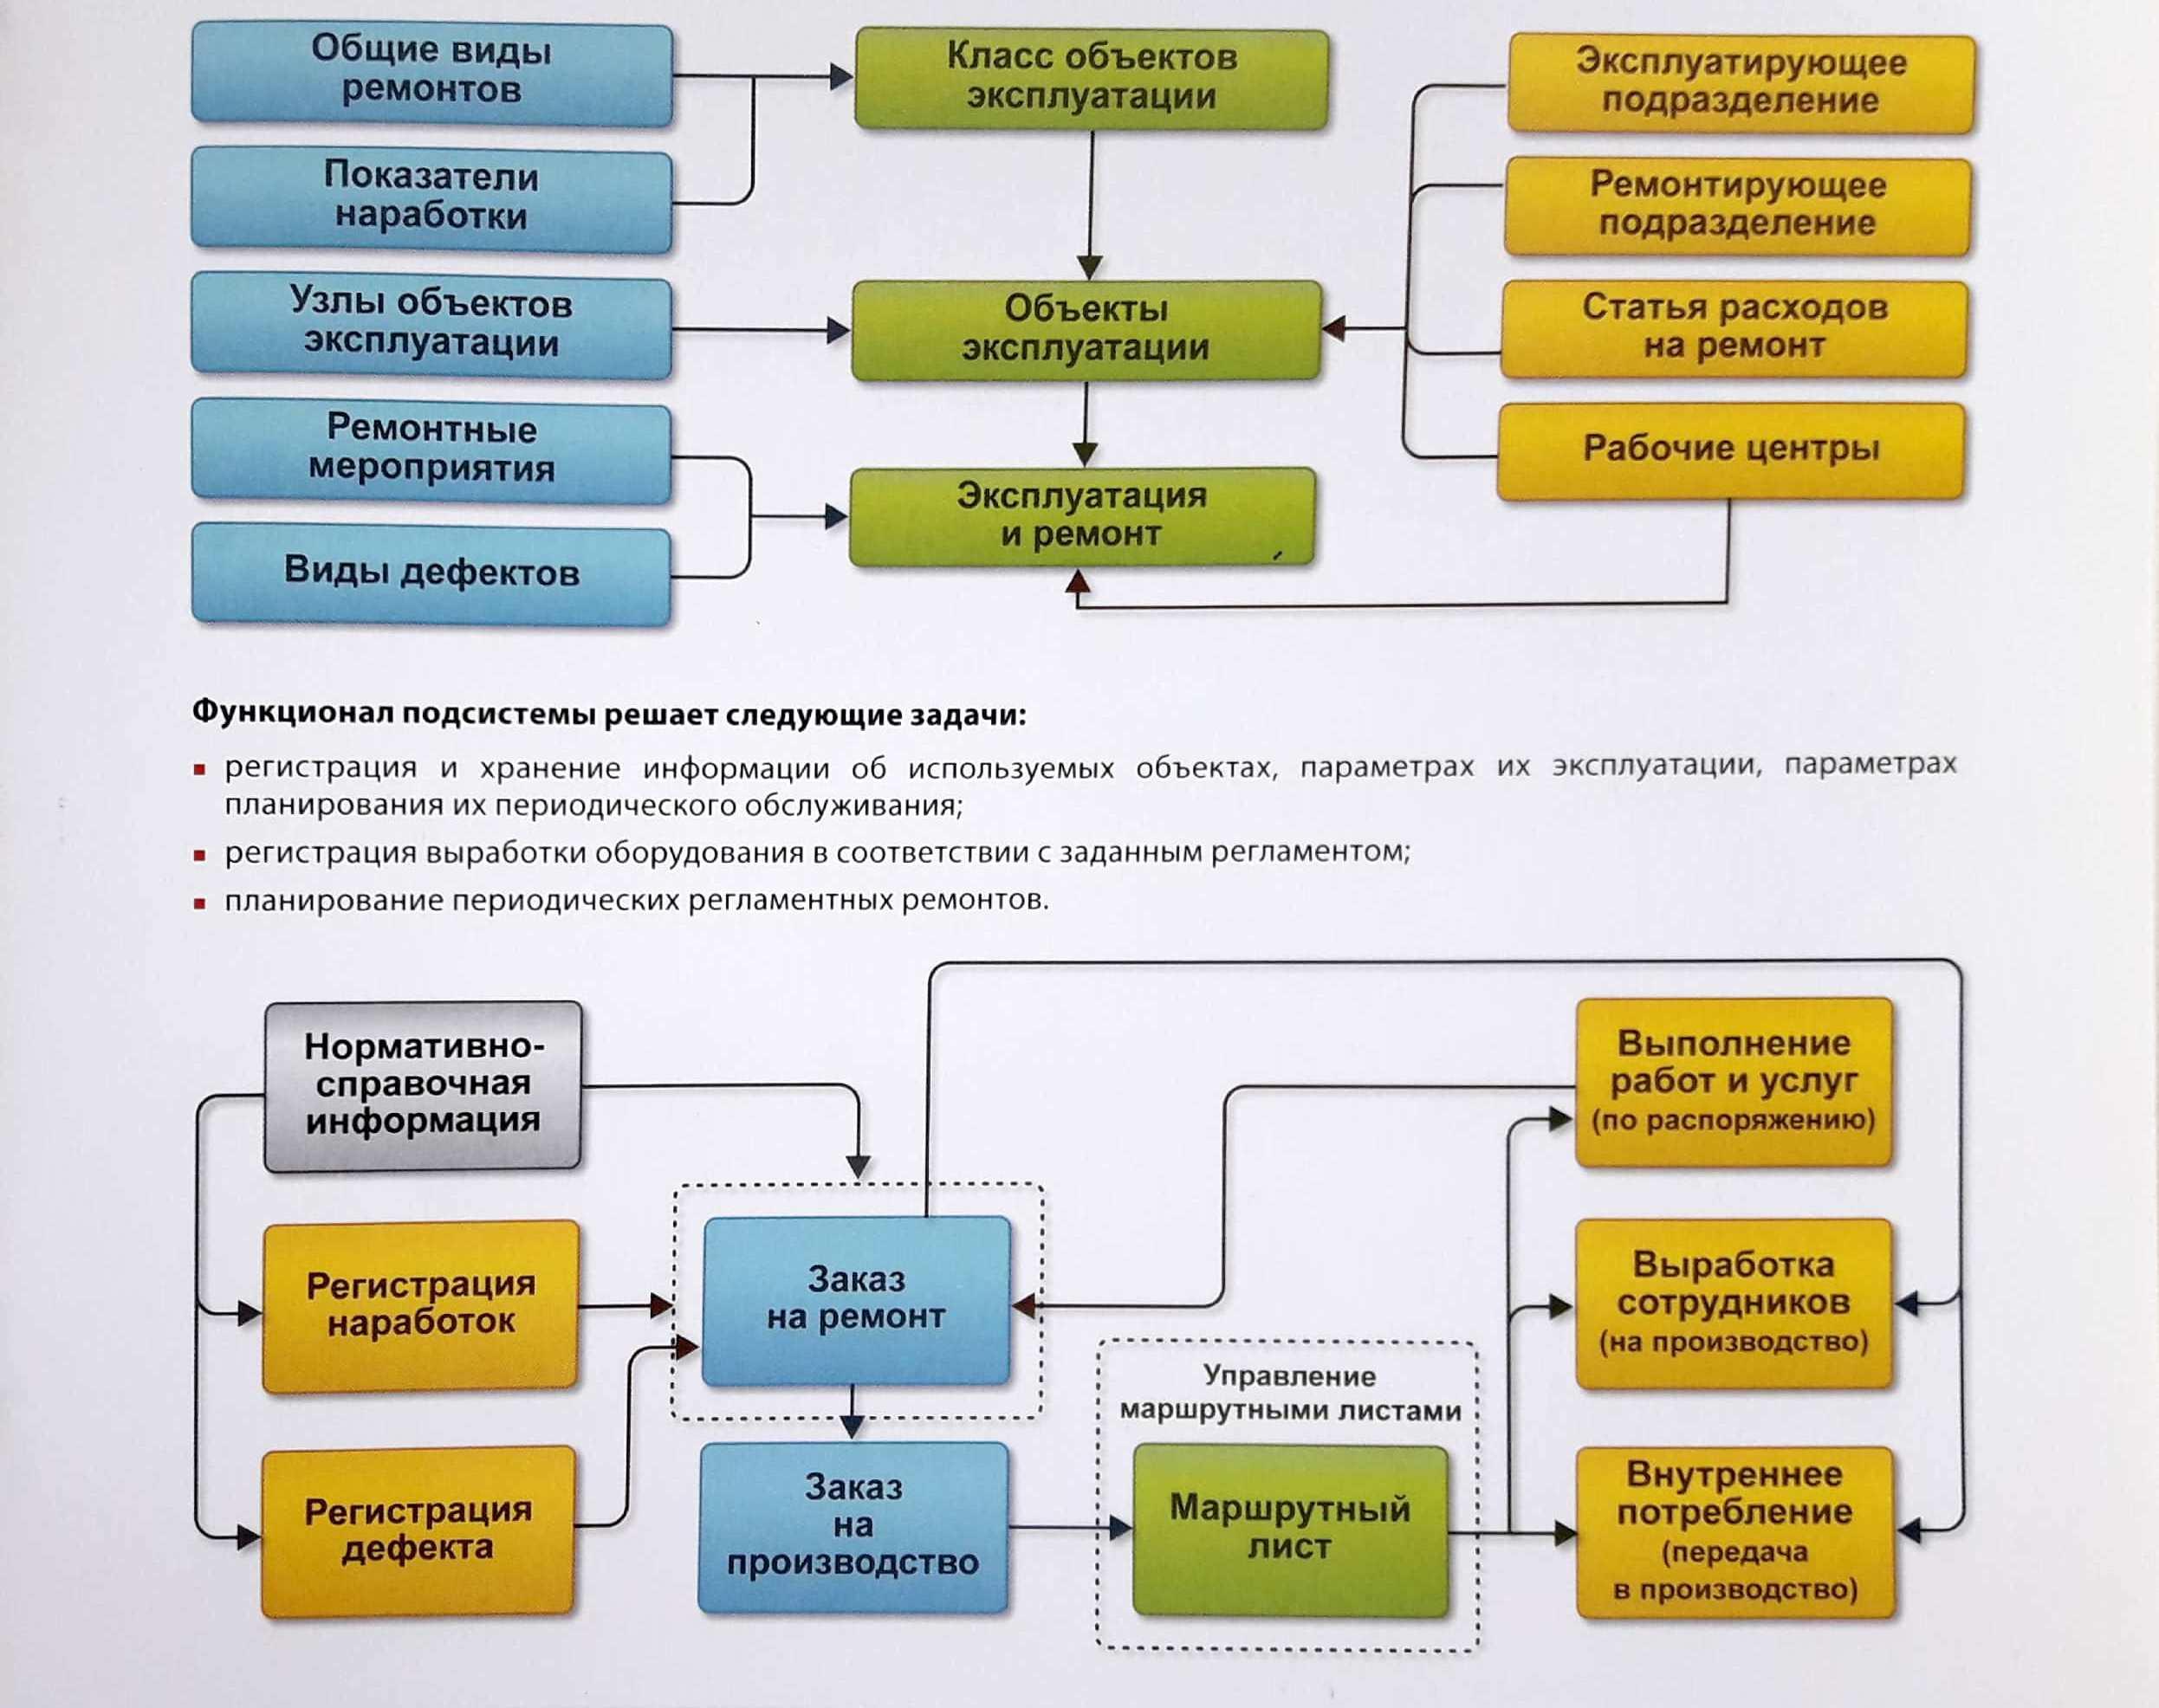 Управление ремонтами в 1С: ERP - как выбрать систему управления предприятием - Купить решение